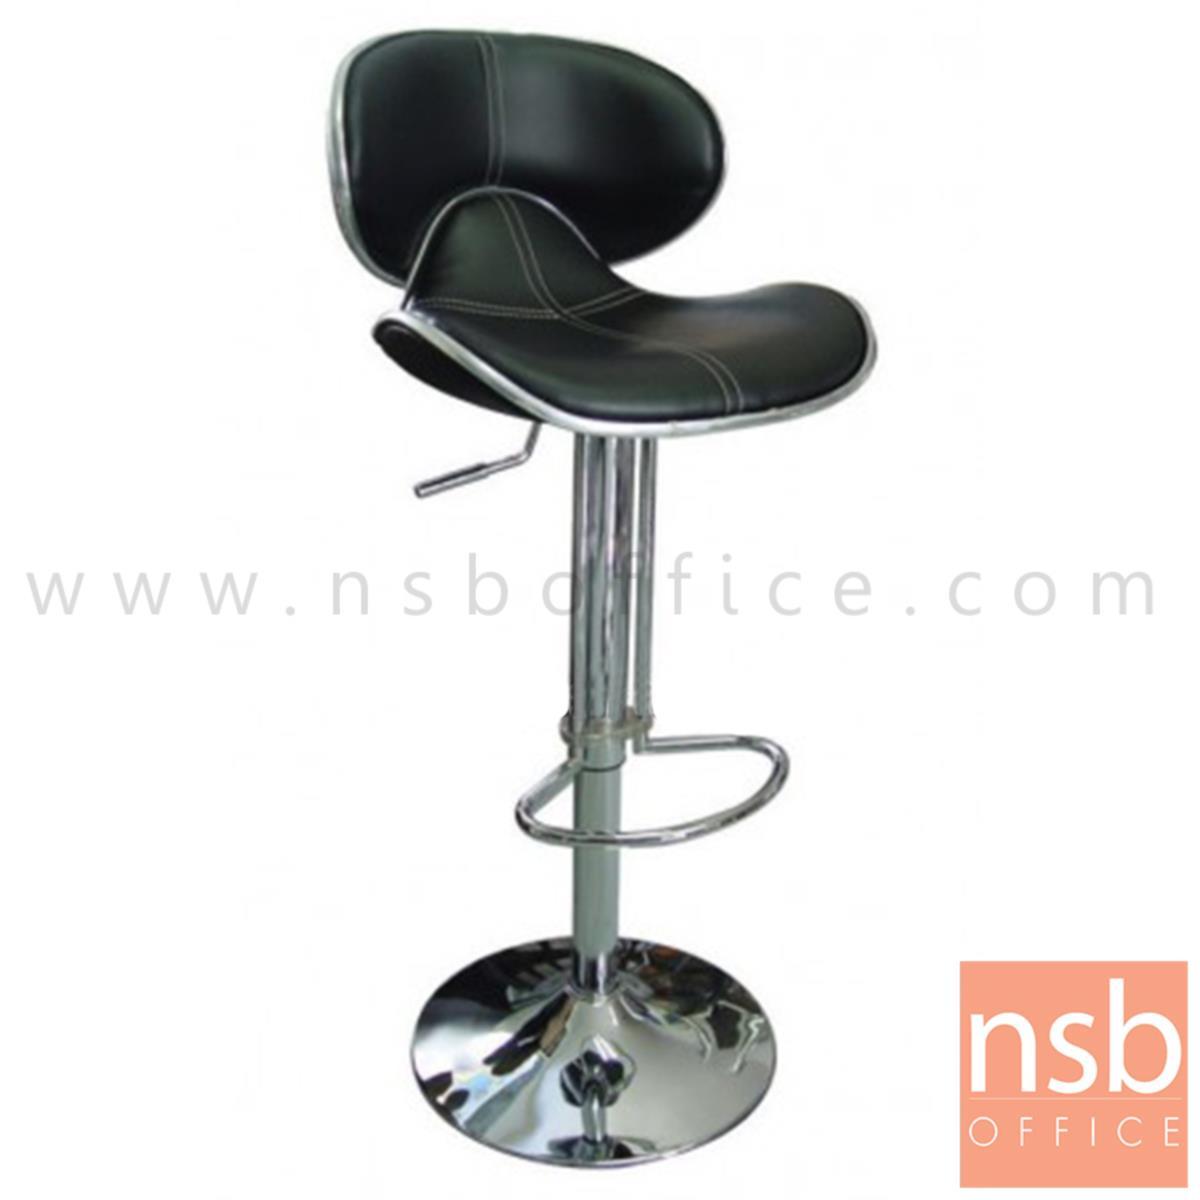 B18A064:เก้าอี้บาร์สูงหนังเทียม รุ่น Kiele (คีลี)   โช๊คแก๊ส ขาโครเมี่ยมฐานจานกลม